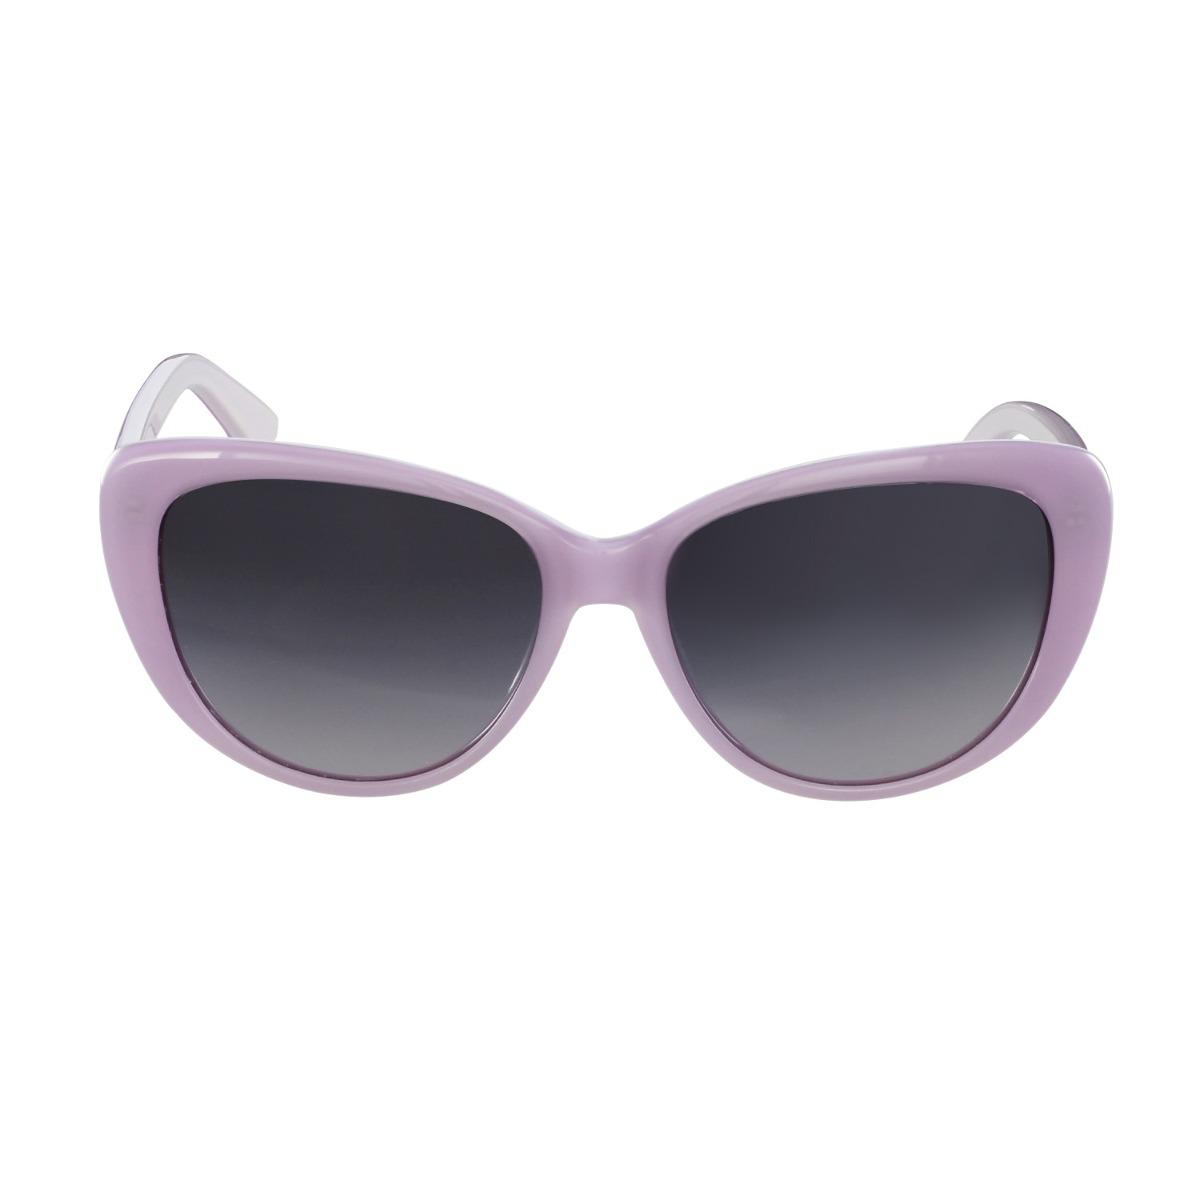 44e15b707d018 óculos de sol just cavalli gatinho roxo. Carregando zoom.